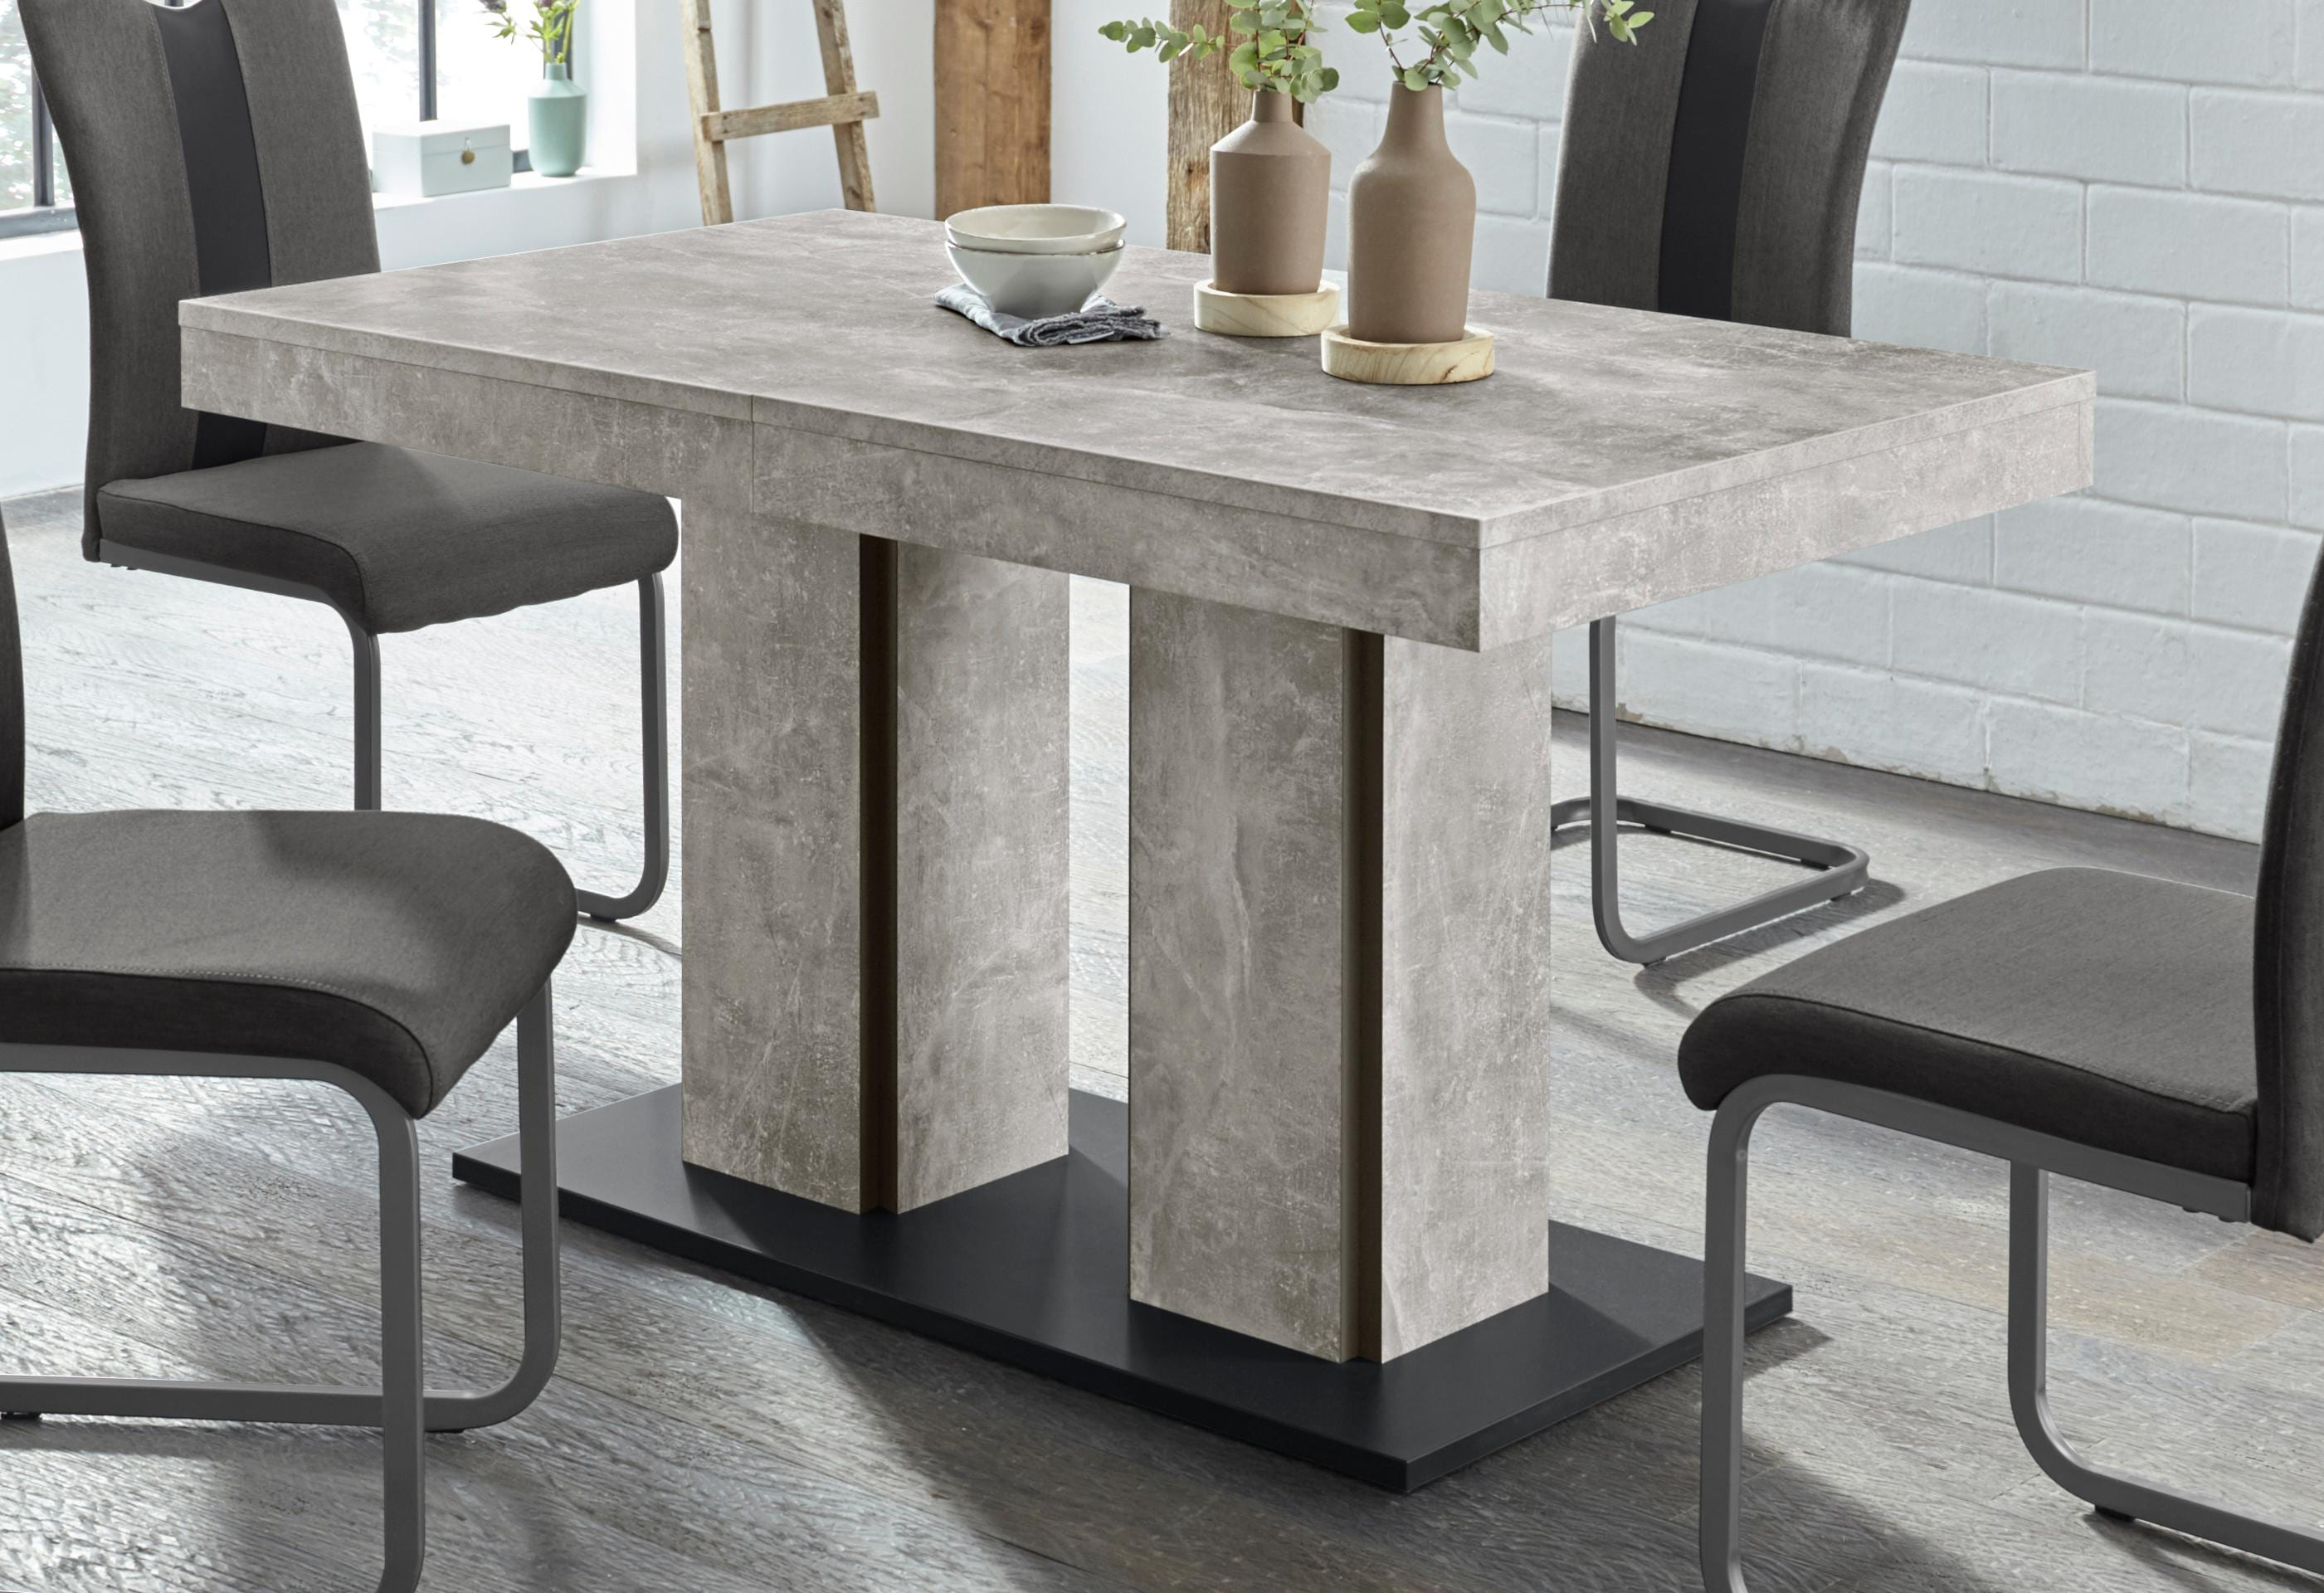 HELA Esstisch ROSE grau Esstische rechteckig Tische Tisch